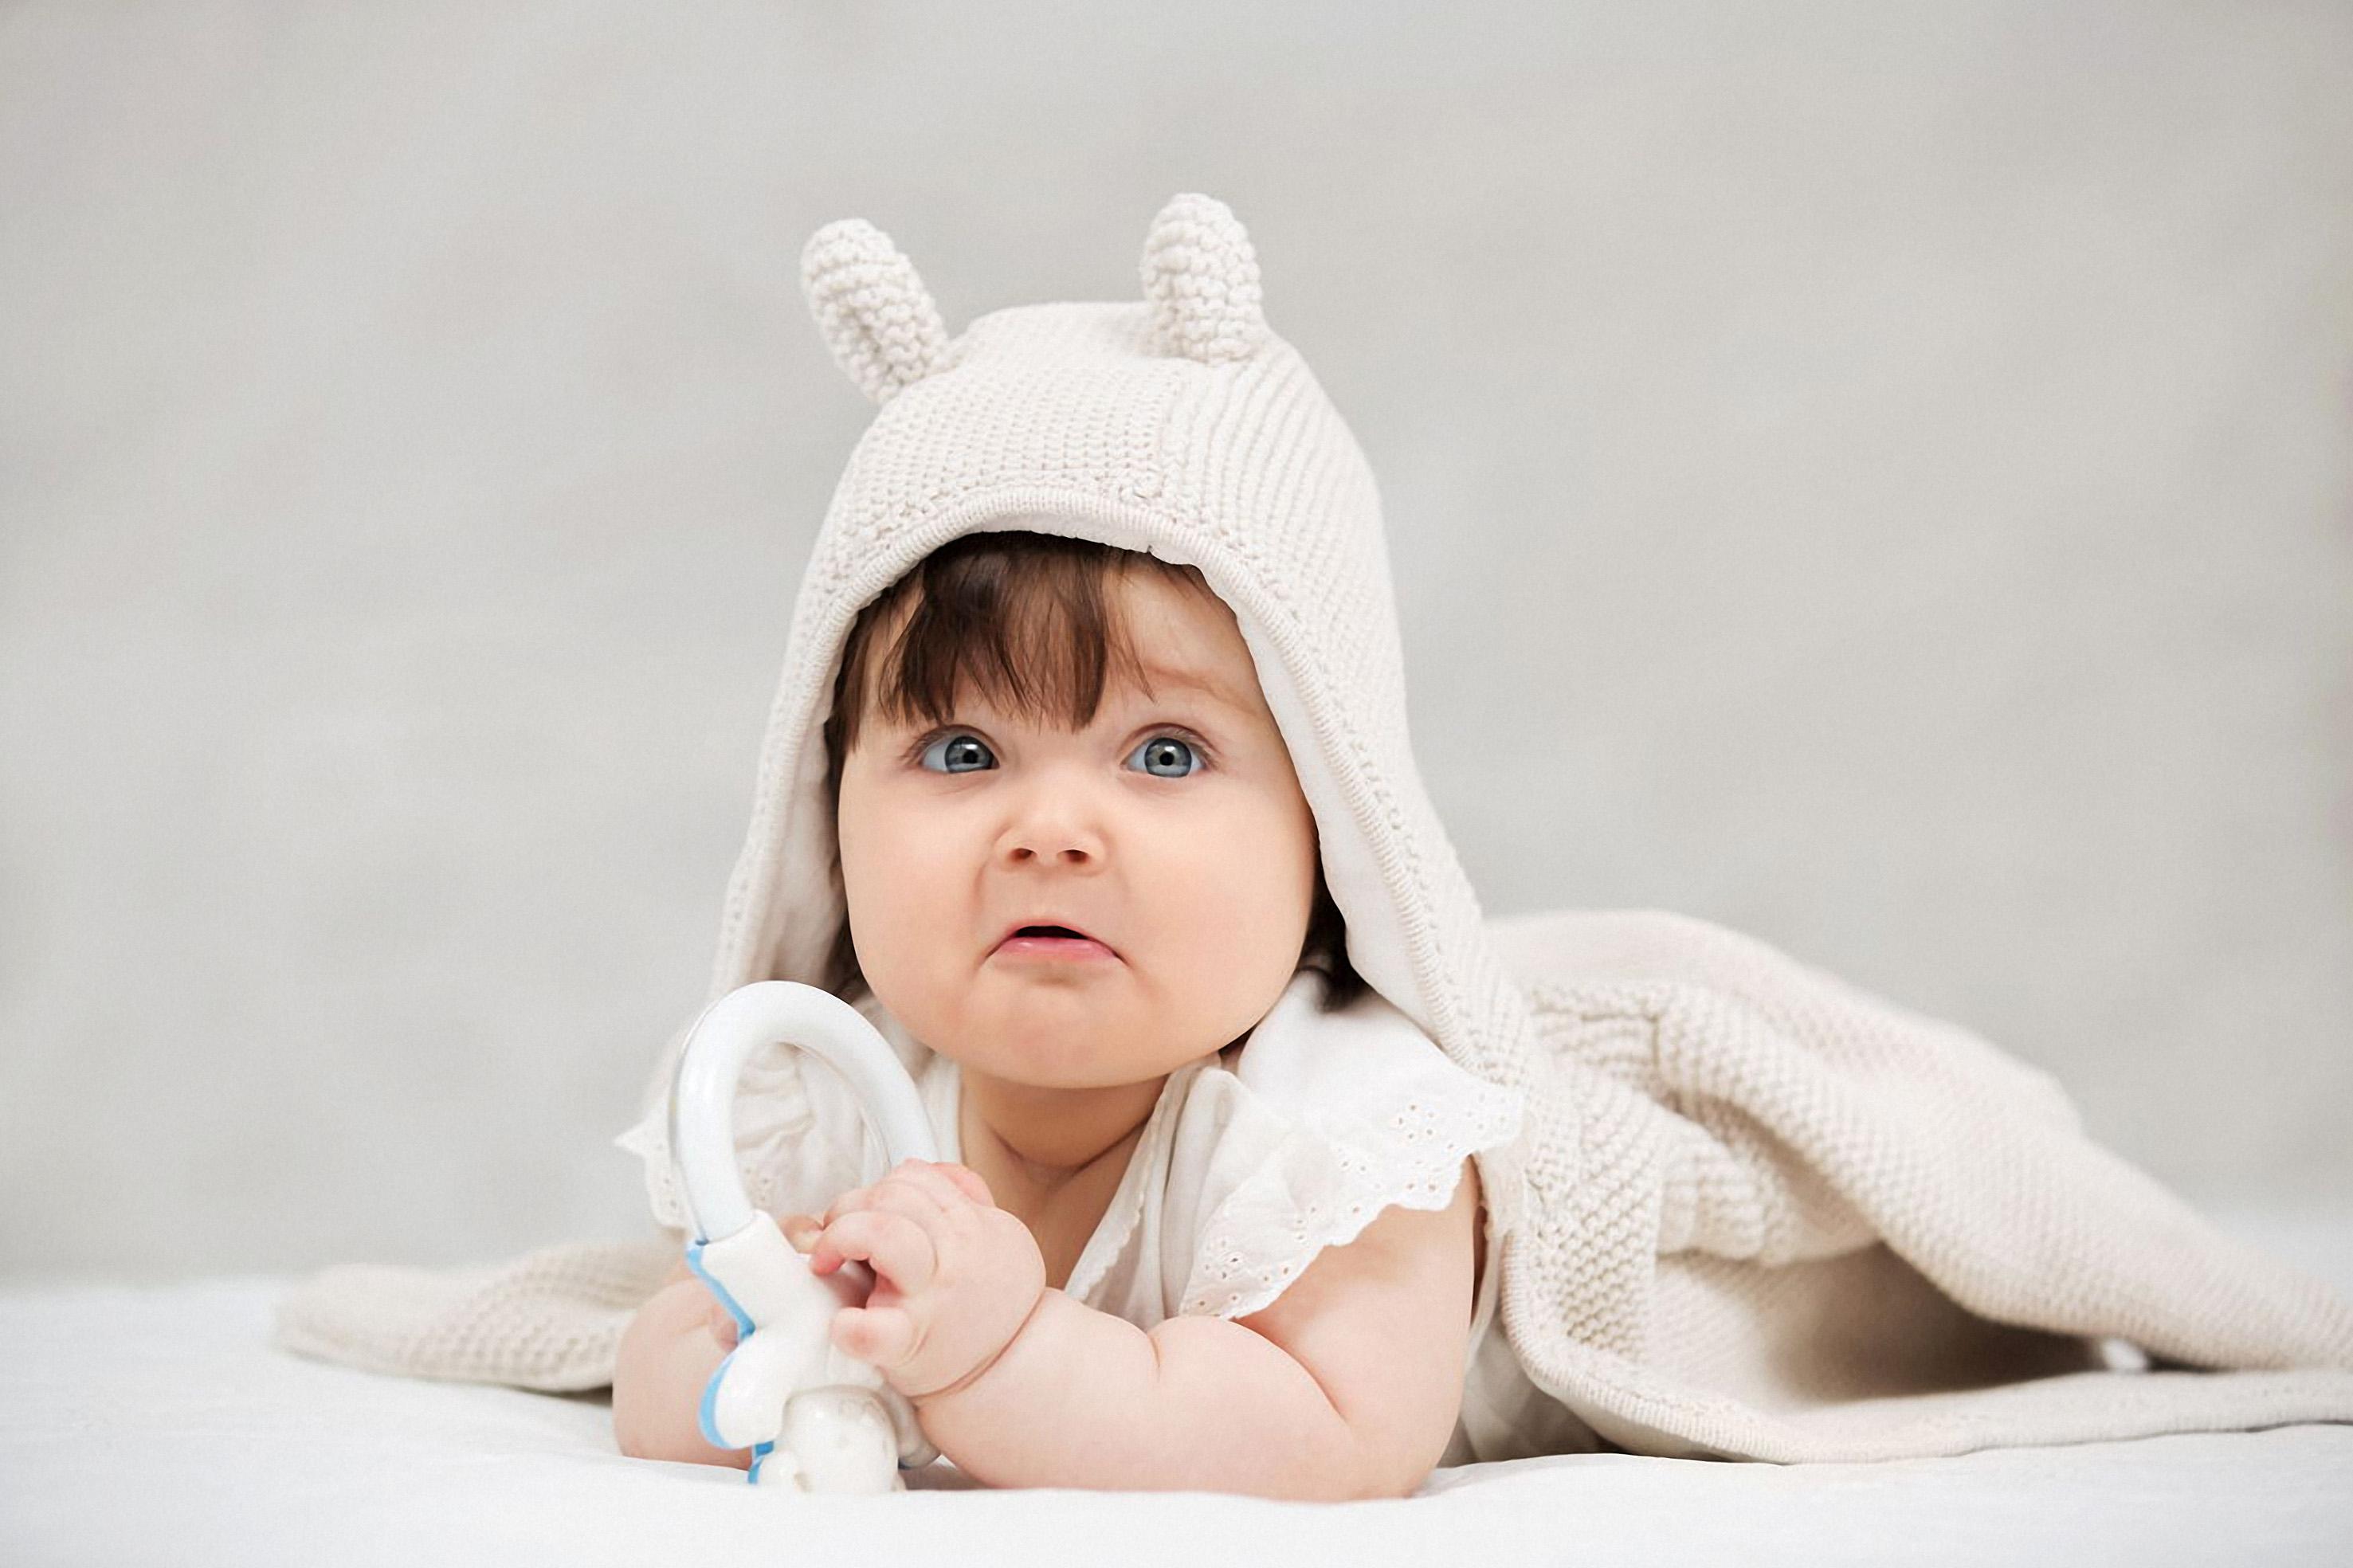 1280-527548100-baby-girl-lying-on-blanket-indoors